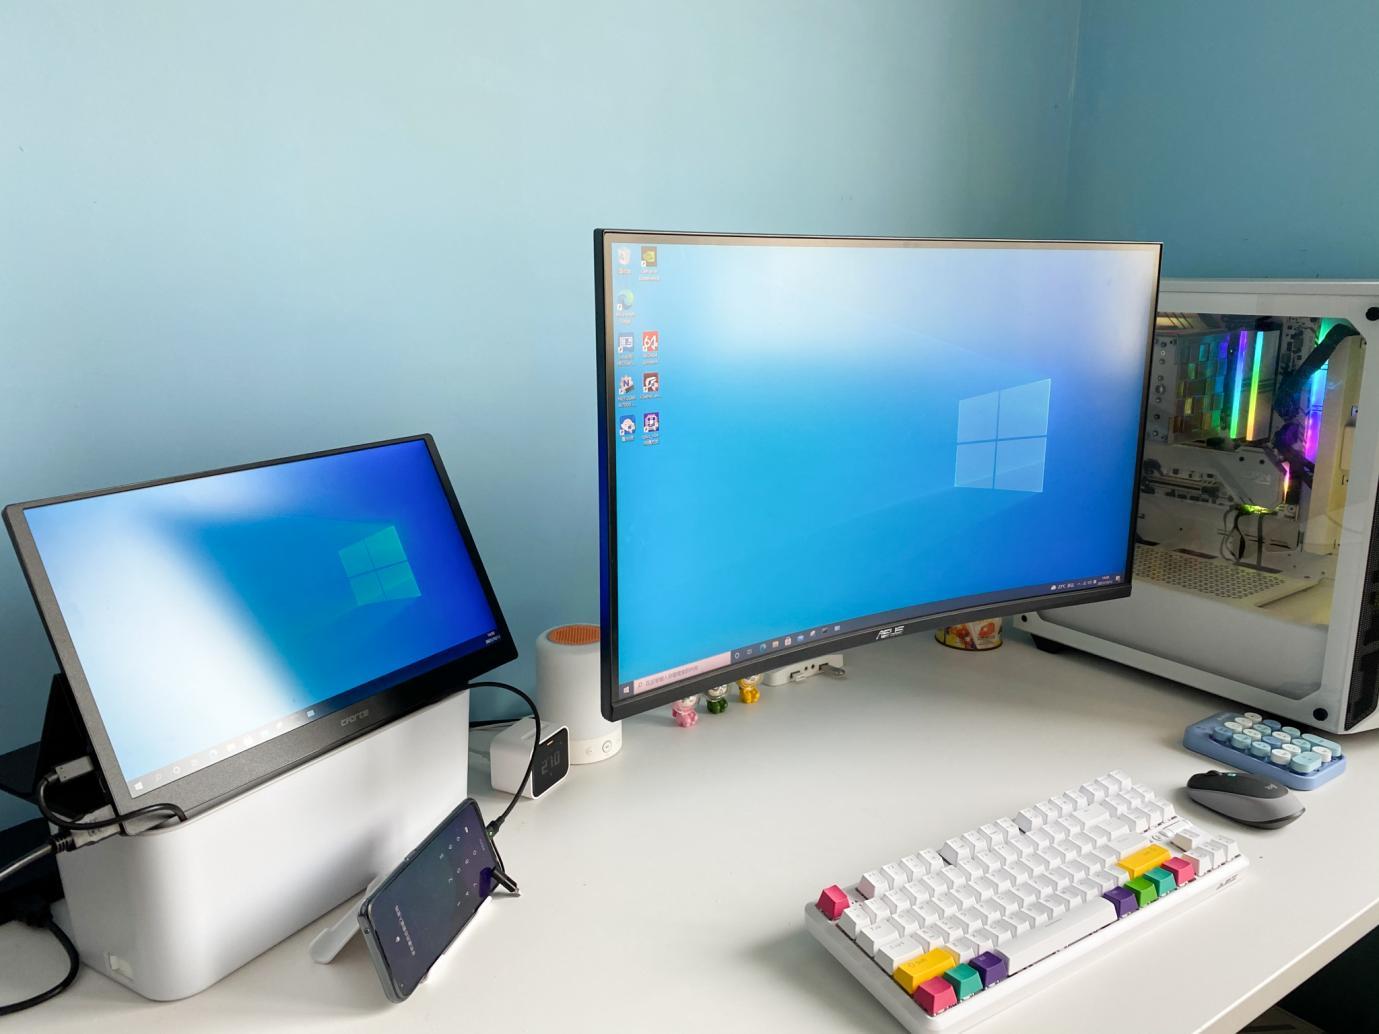 桌面再升级,妙用显示器支架,这一点好处很多人想不到